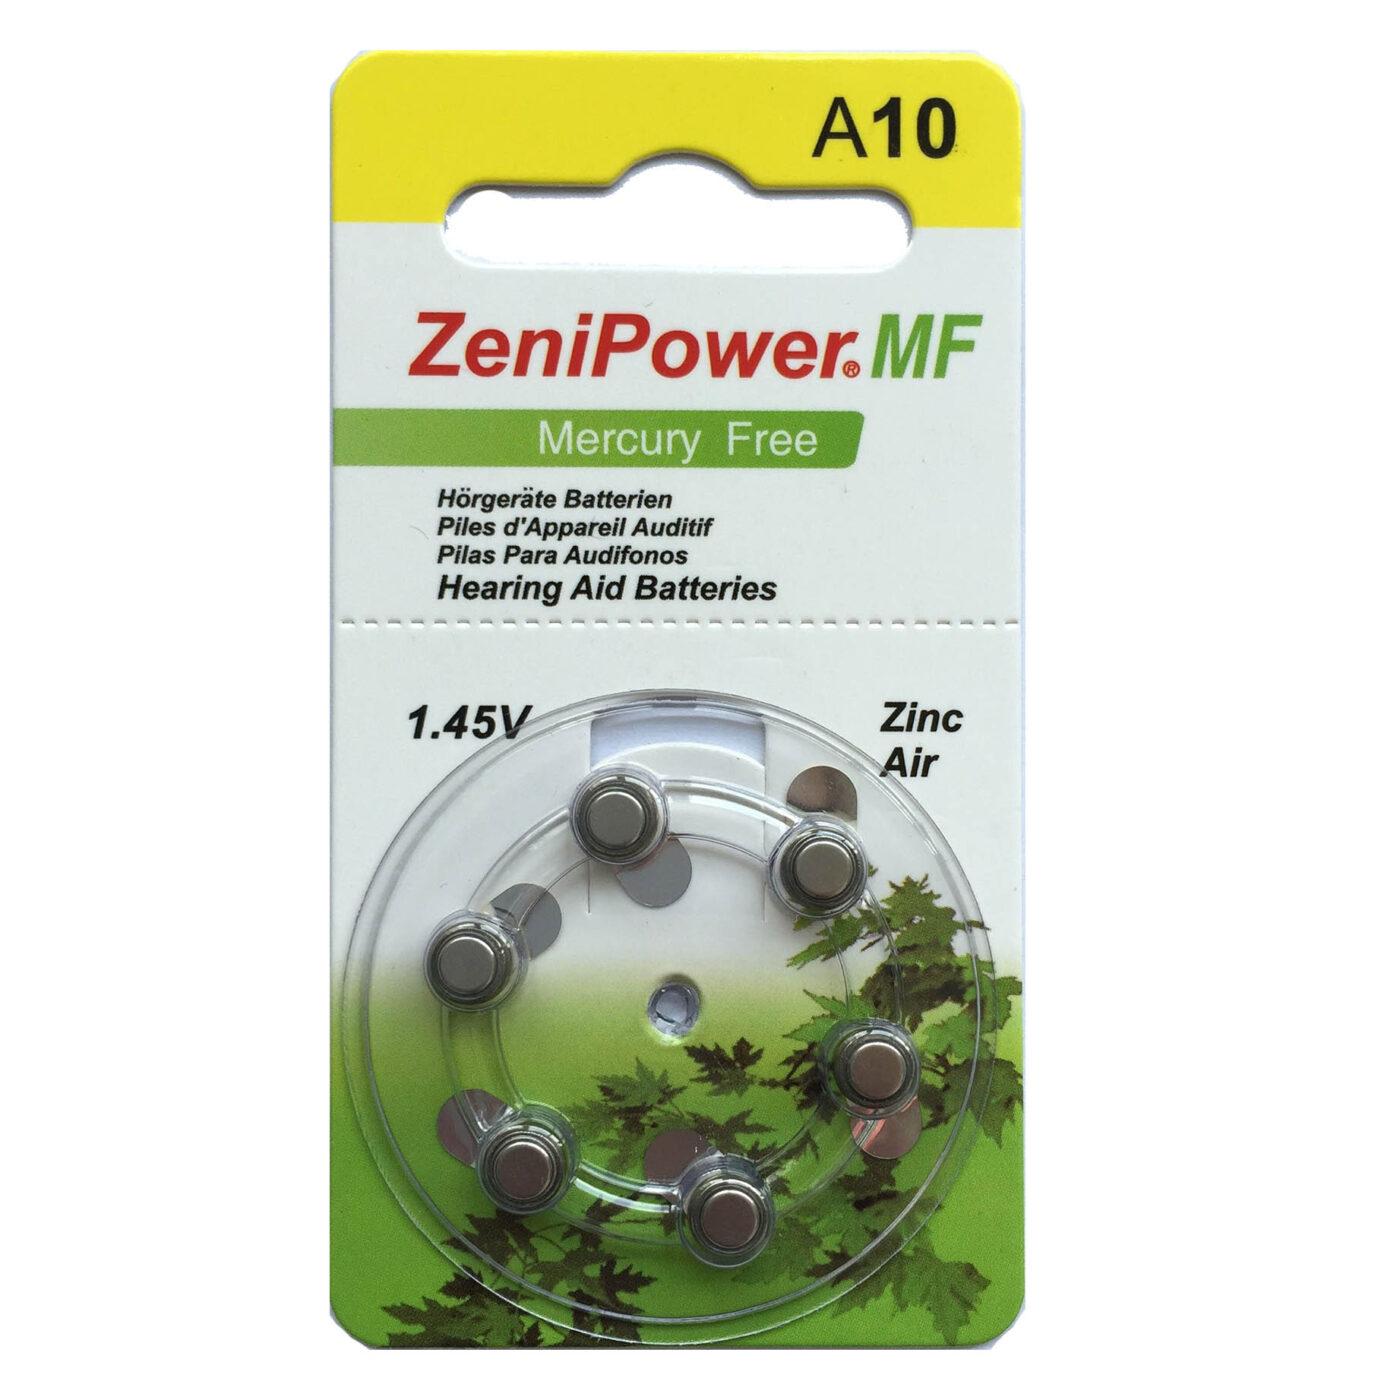 סוללות למכשירי שמיעה 10 ZeniPower